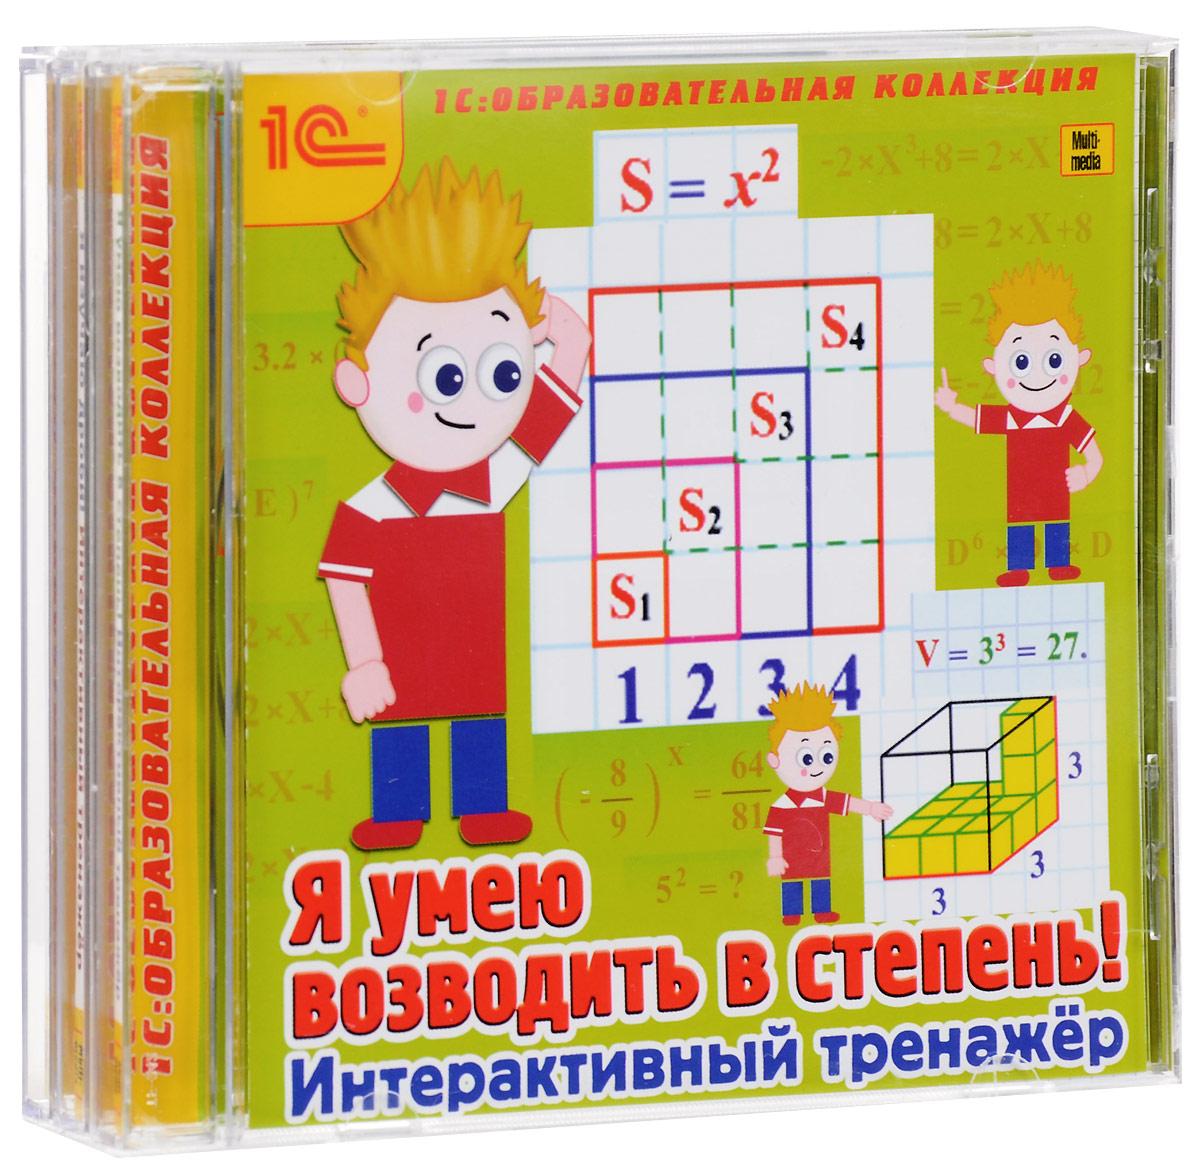 1С:Образовательная коллекция. Комплект тренажеров по математике я изучаю дроби интерактивный тренажер